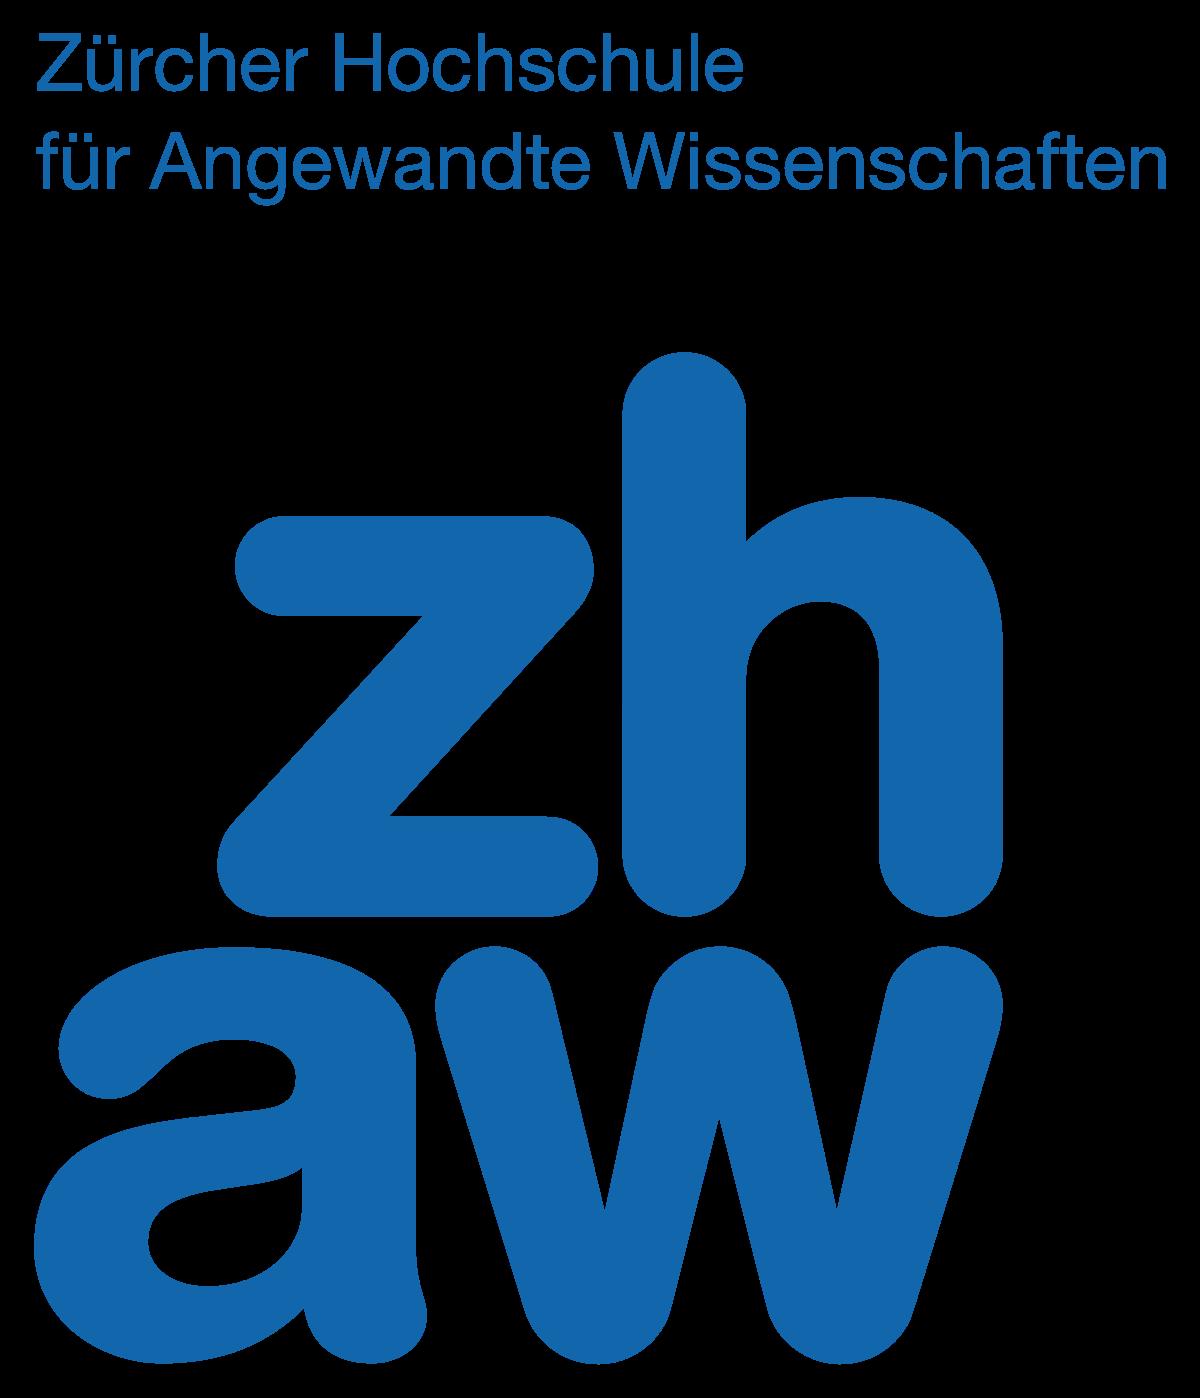 zhaw-logo